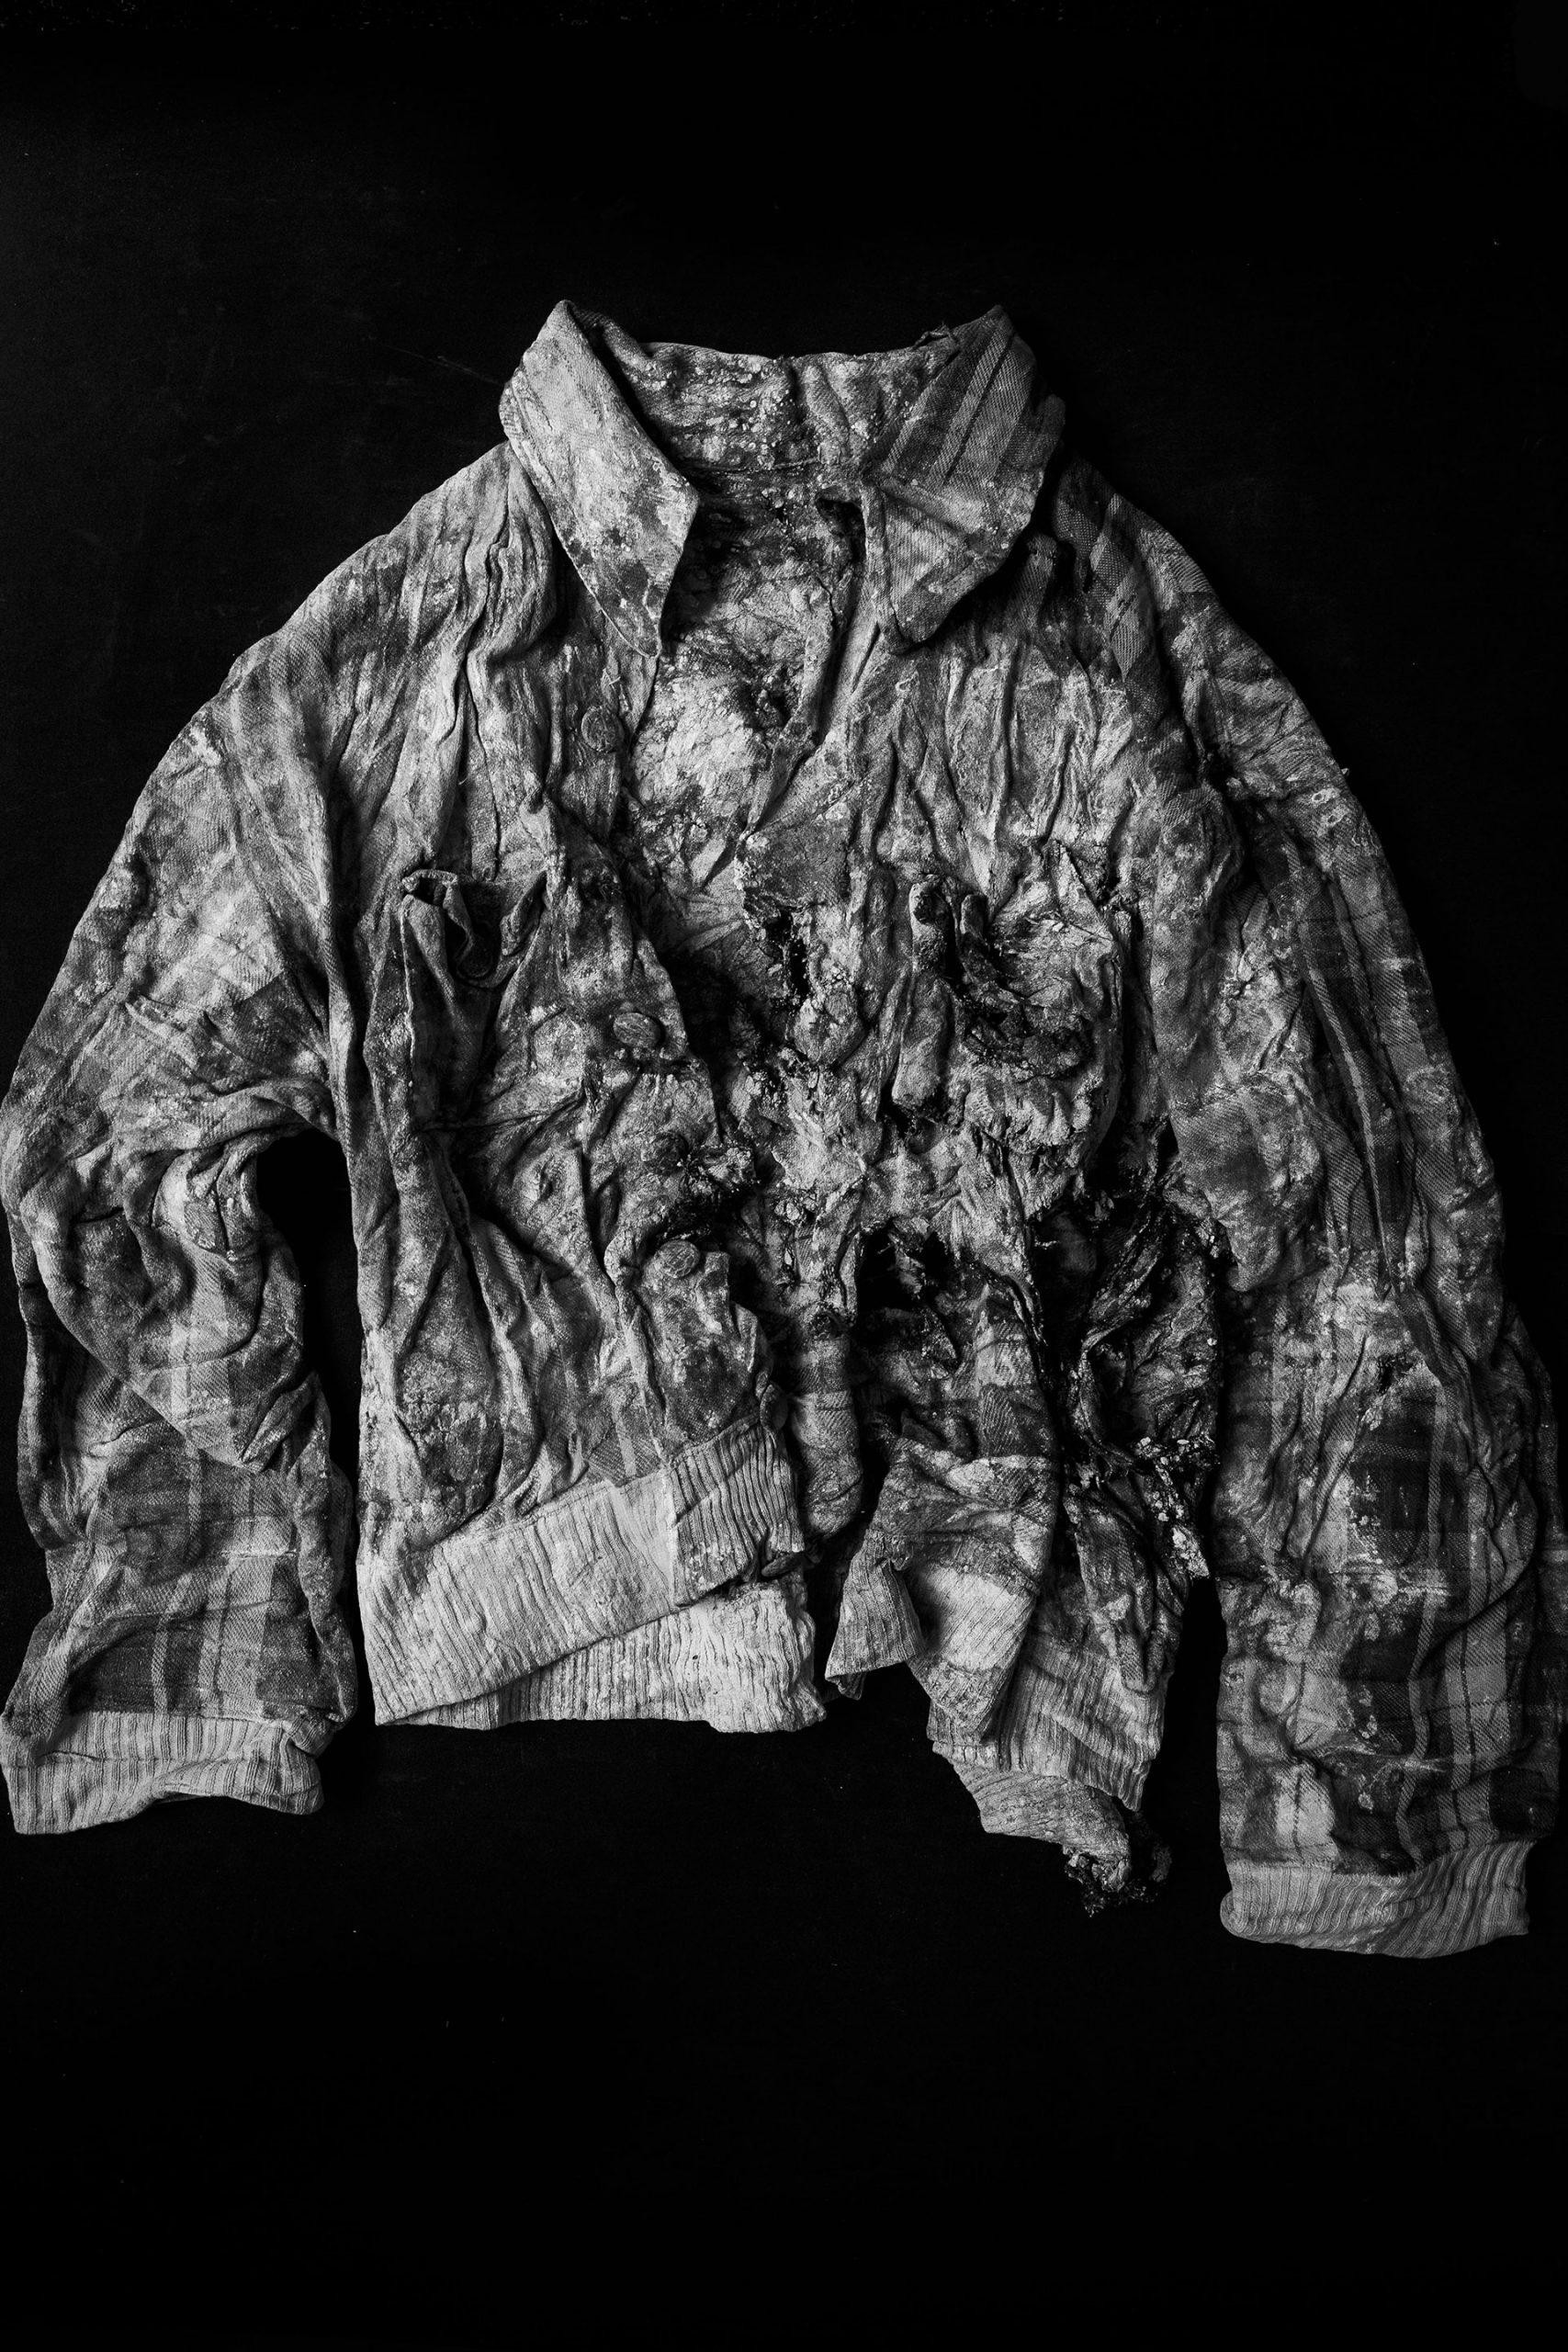 Una chaqueta encontrada en la fosa 128 de Paterna, Valencia, en mayo de 2019. La prenda pertenecía a una persona asesinada por varios impactos de bala en 1941.